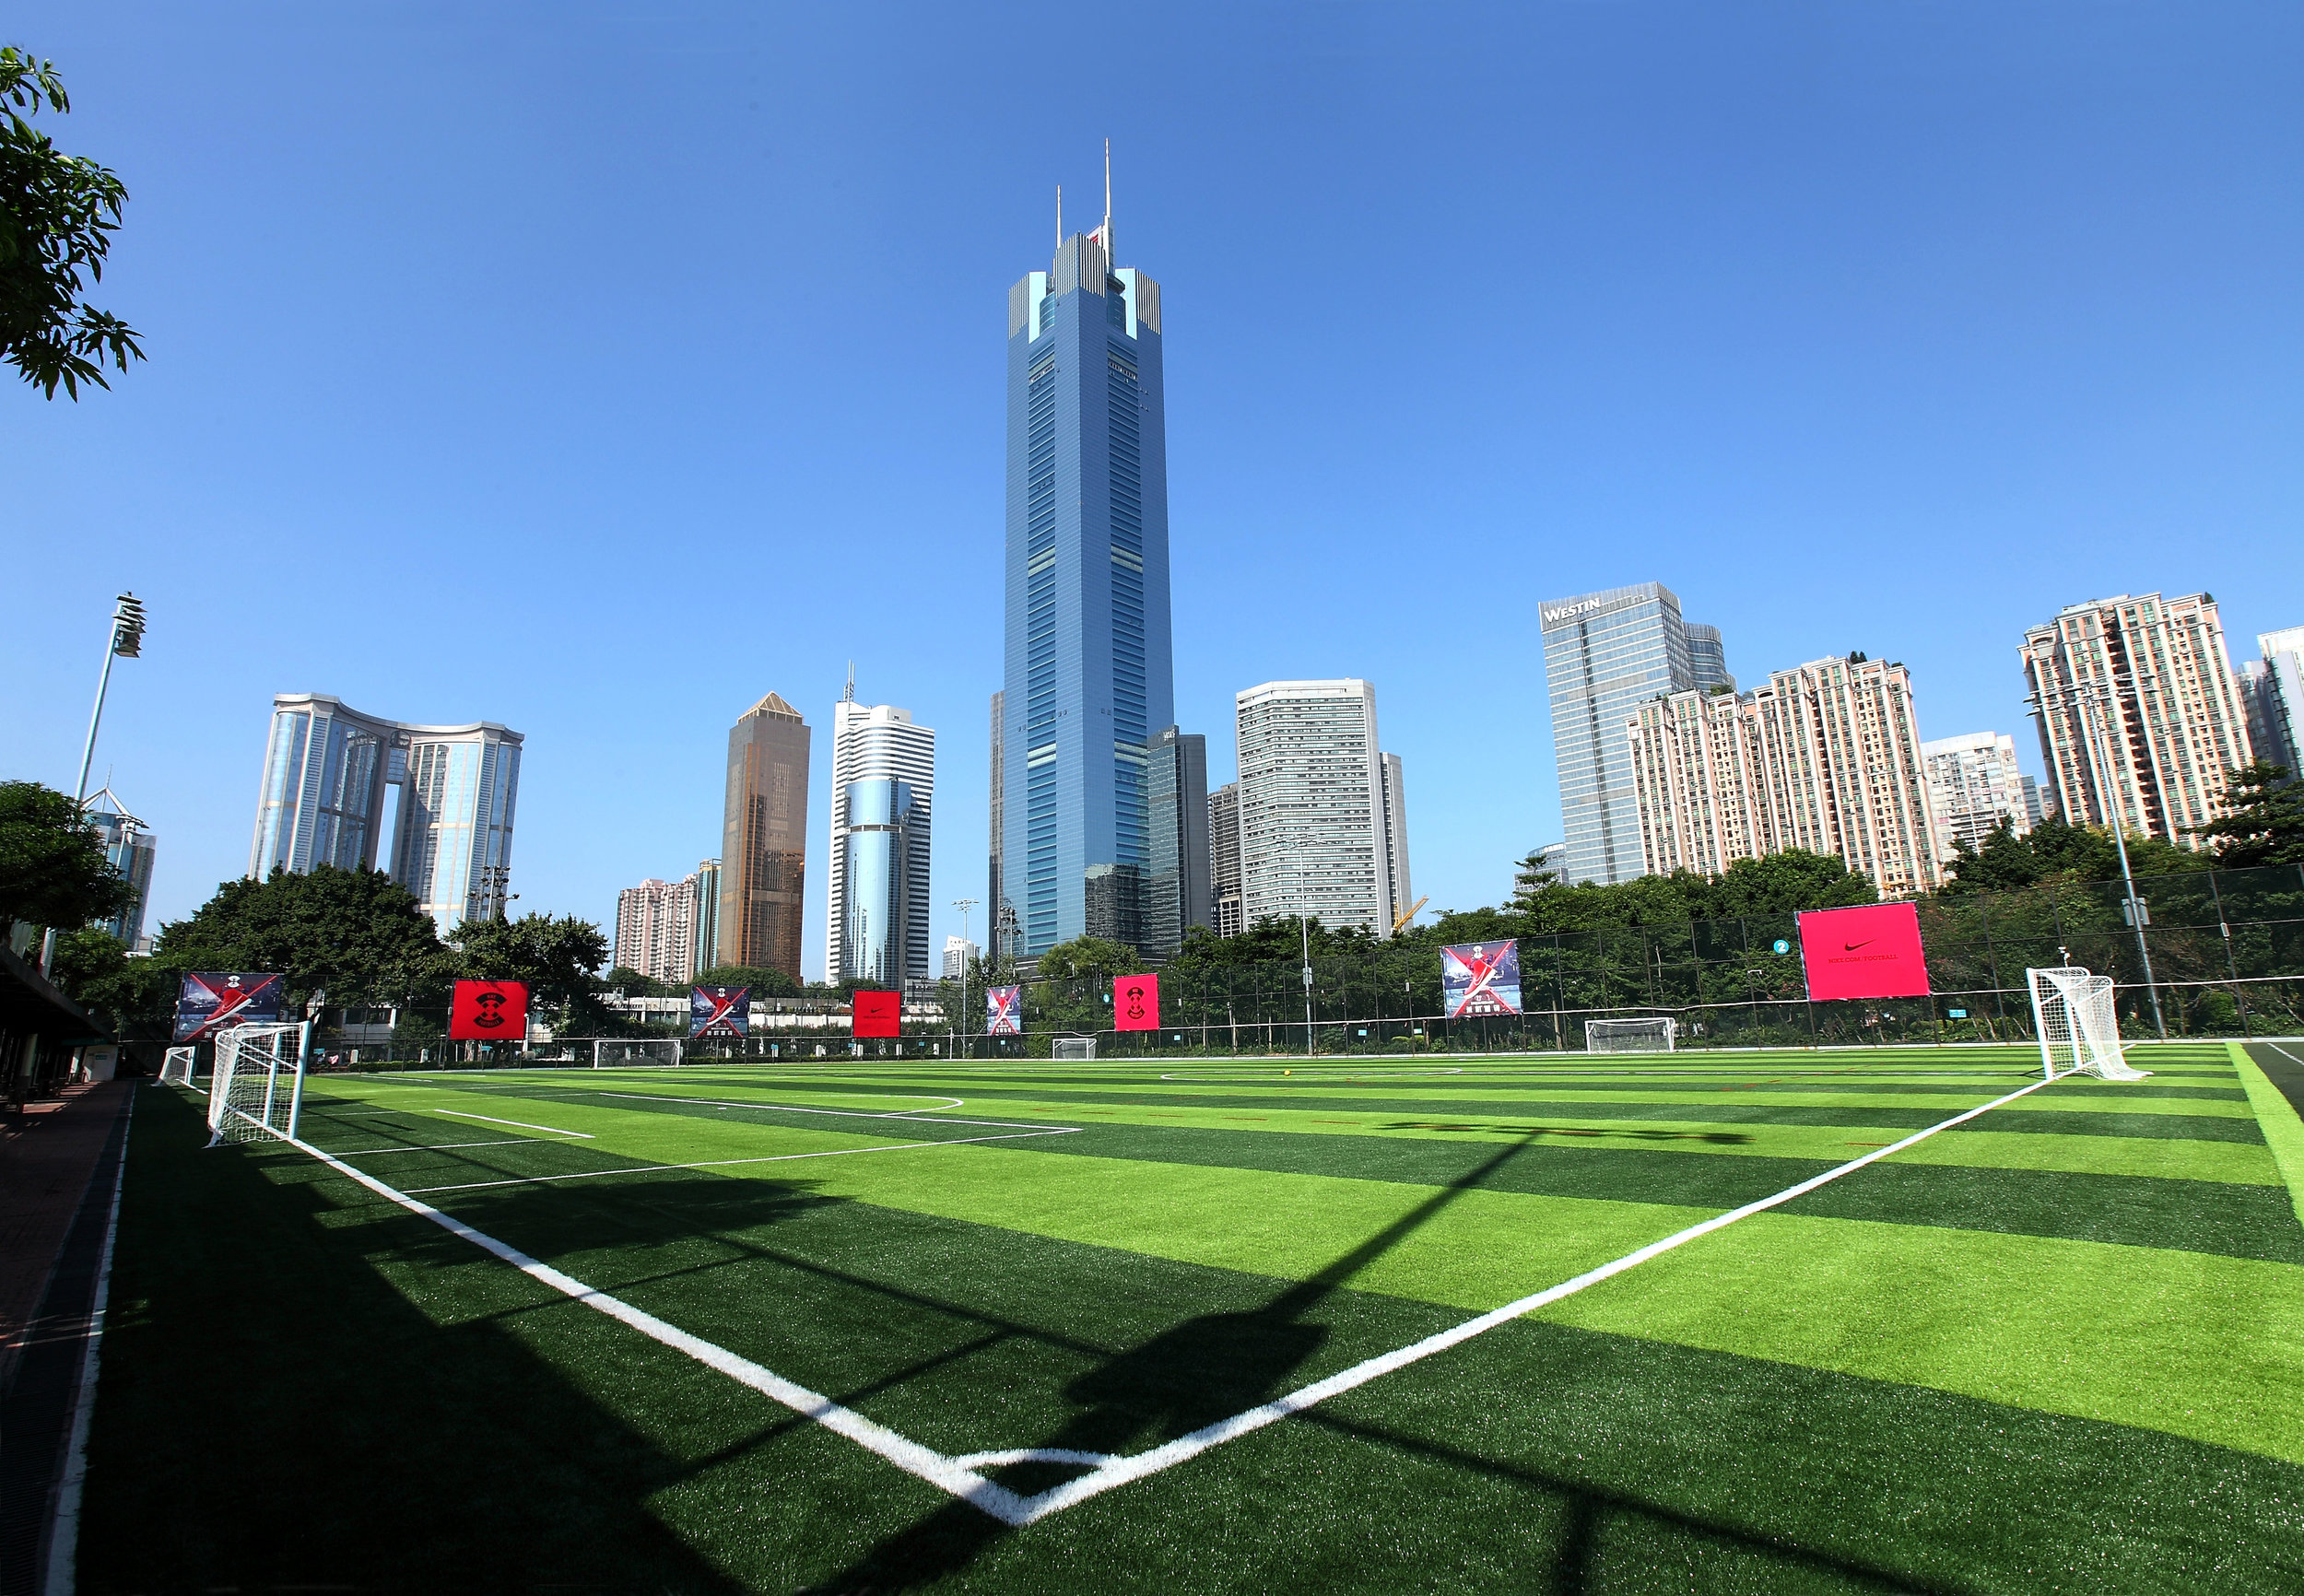 Guangzhou Tianhe Nike park.jpg